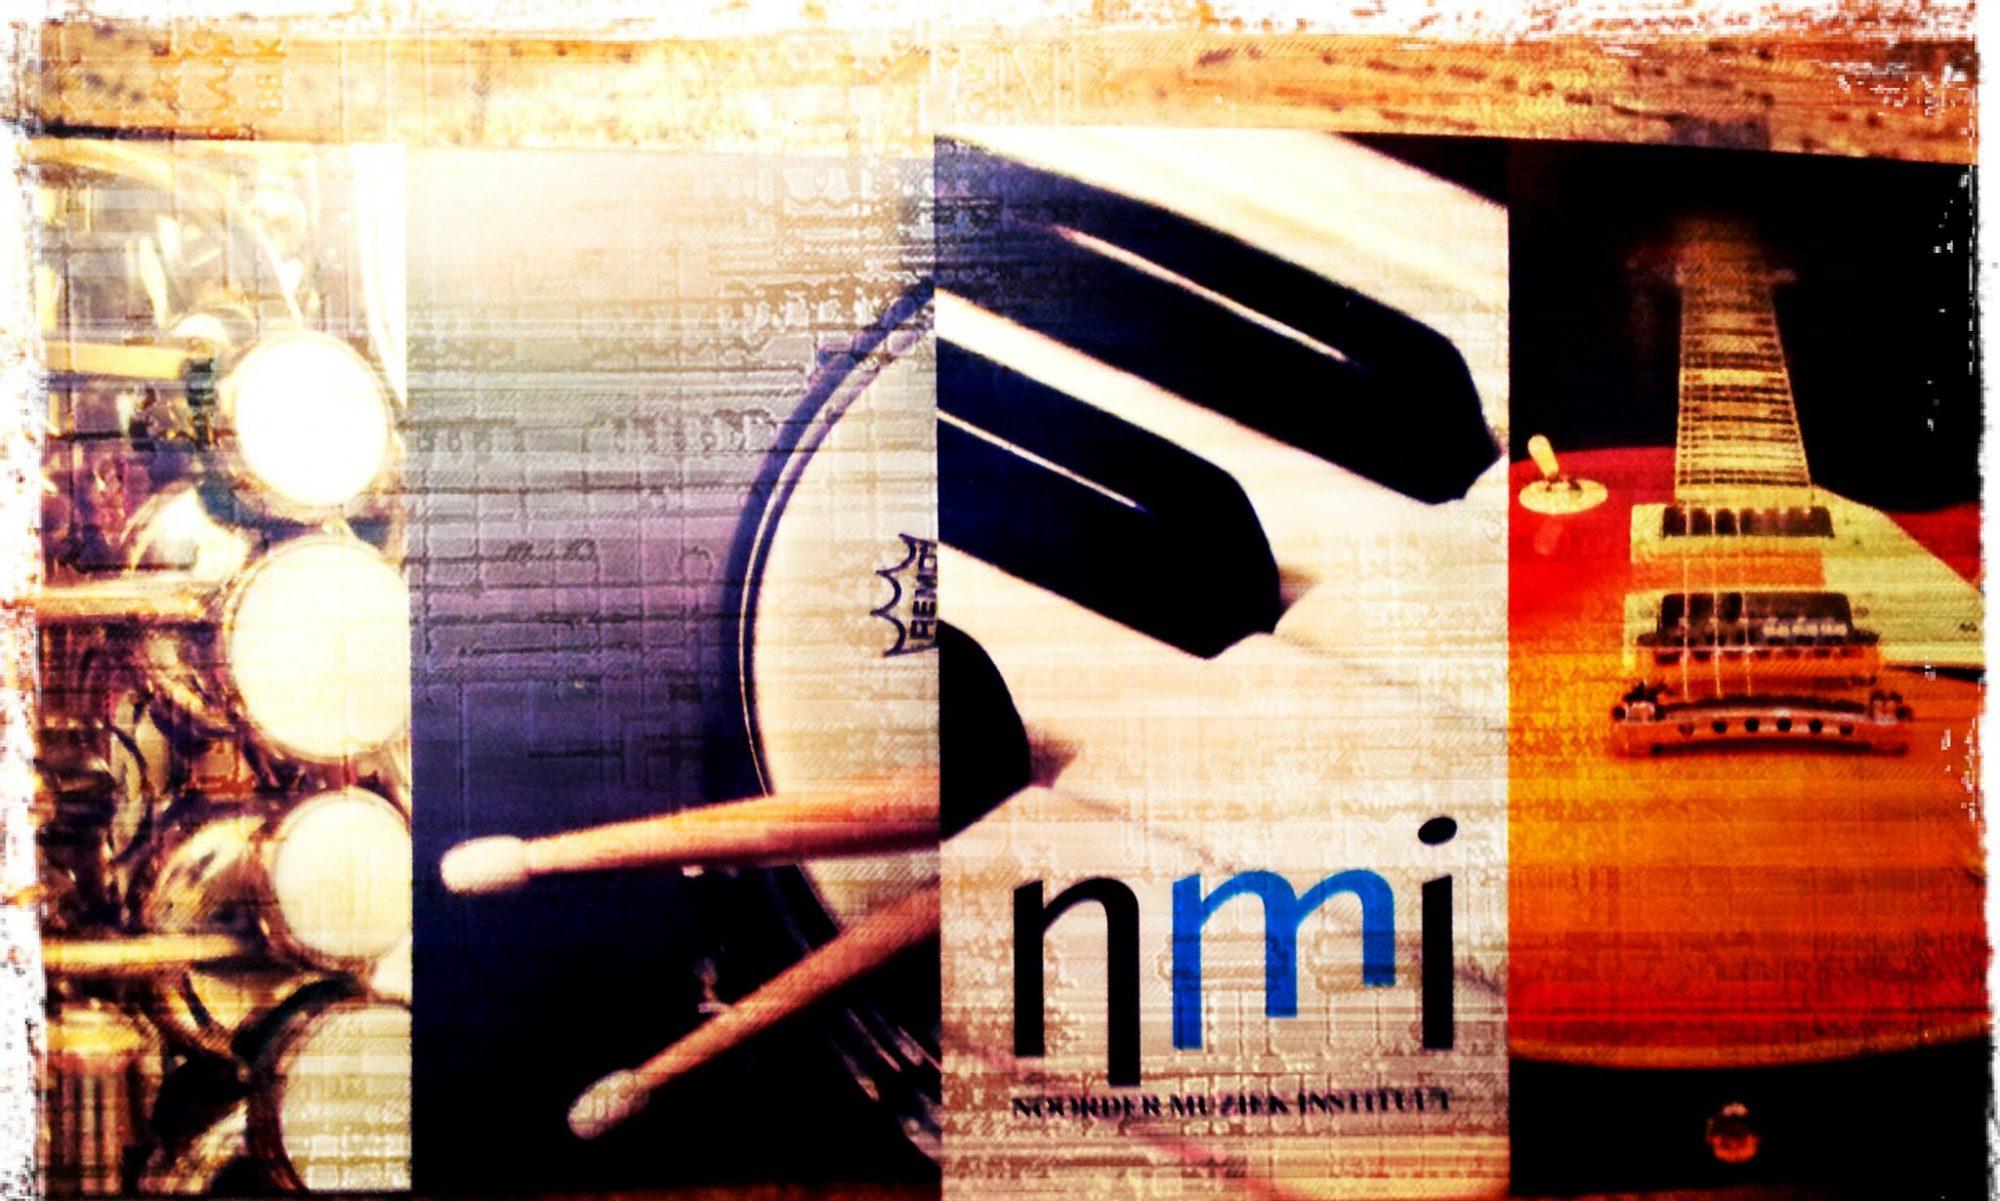 Noorder Muziek Instituut